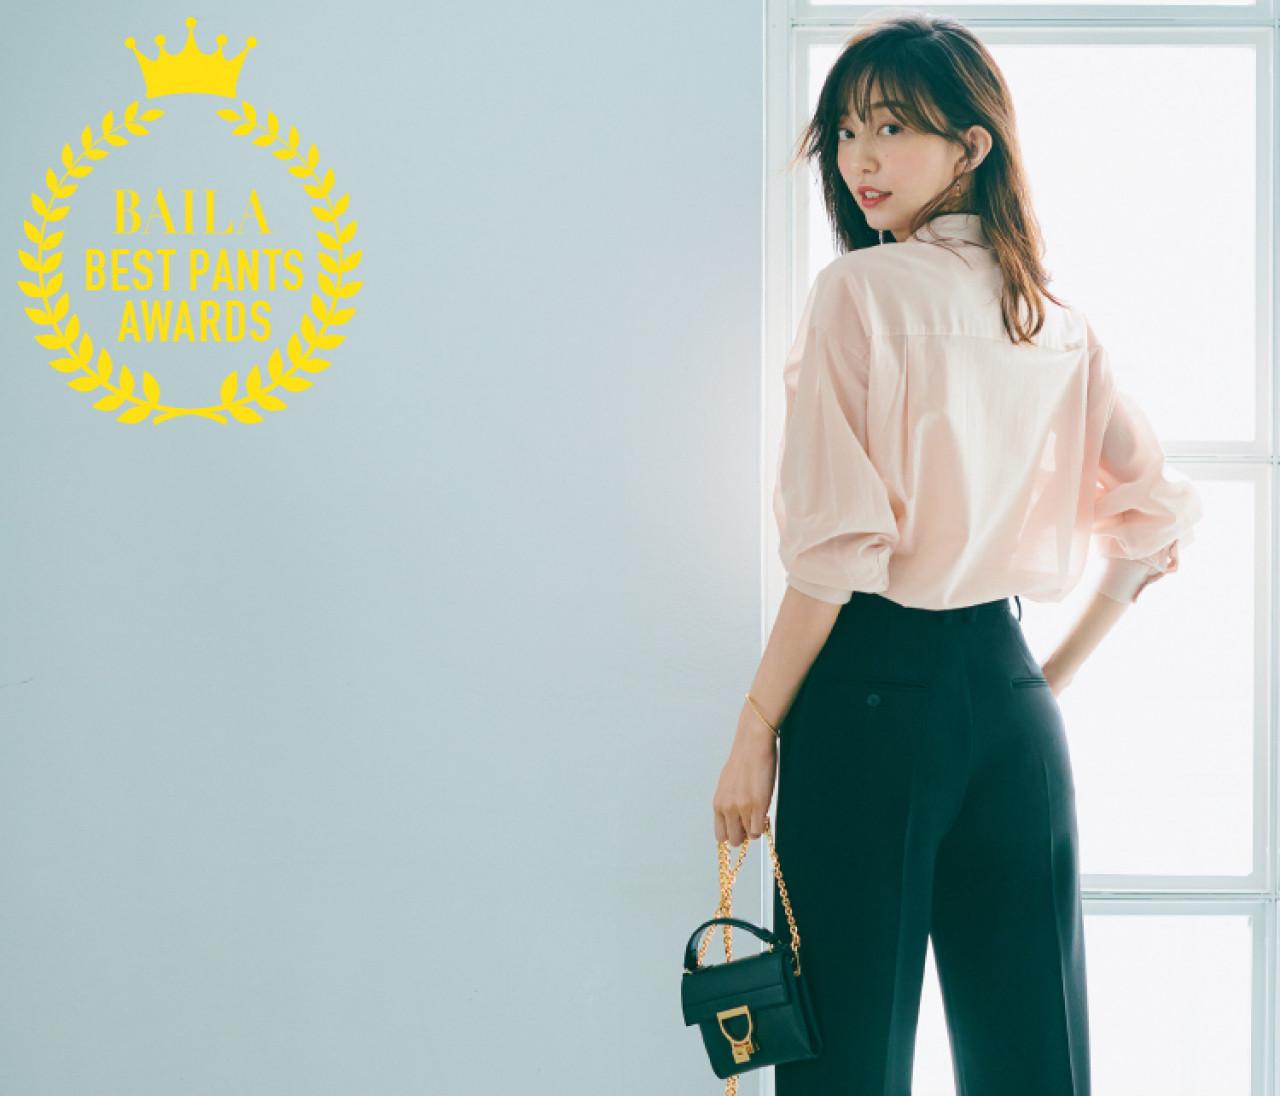 【2021年働く30代のパンツ大賞】薄着の季節が到来。「美尻パンツ大賞」の3本を発表!